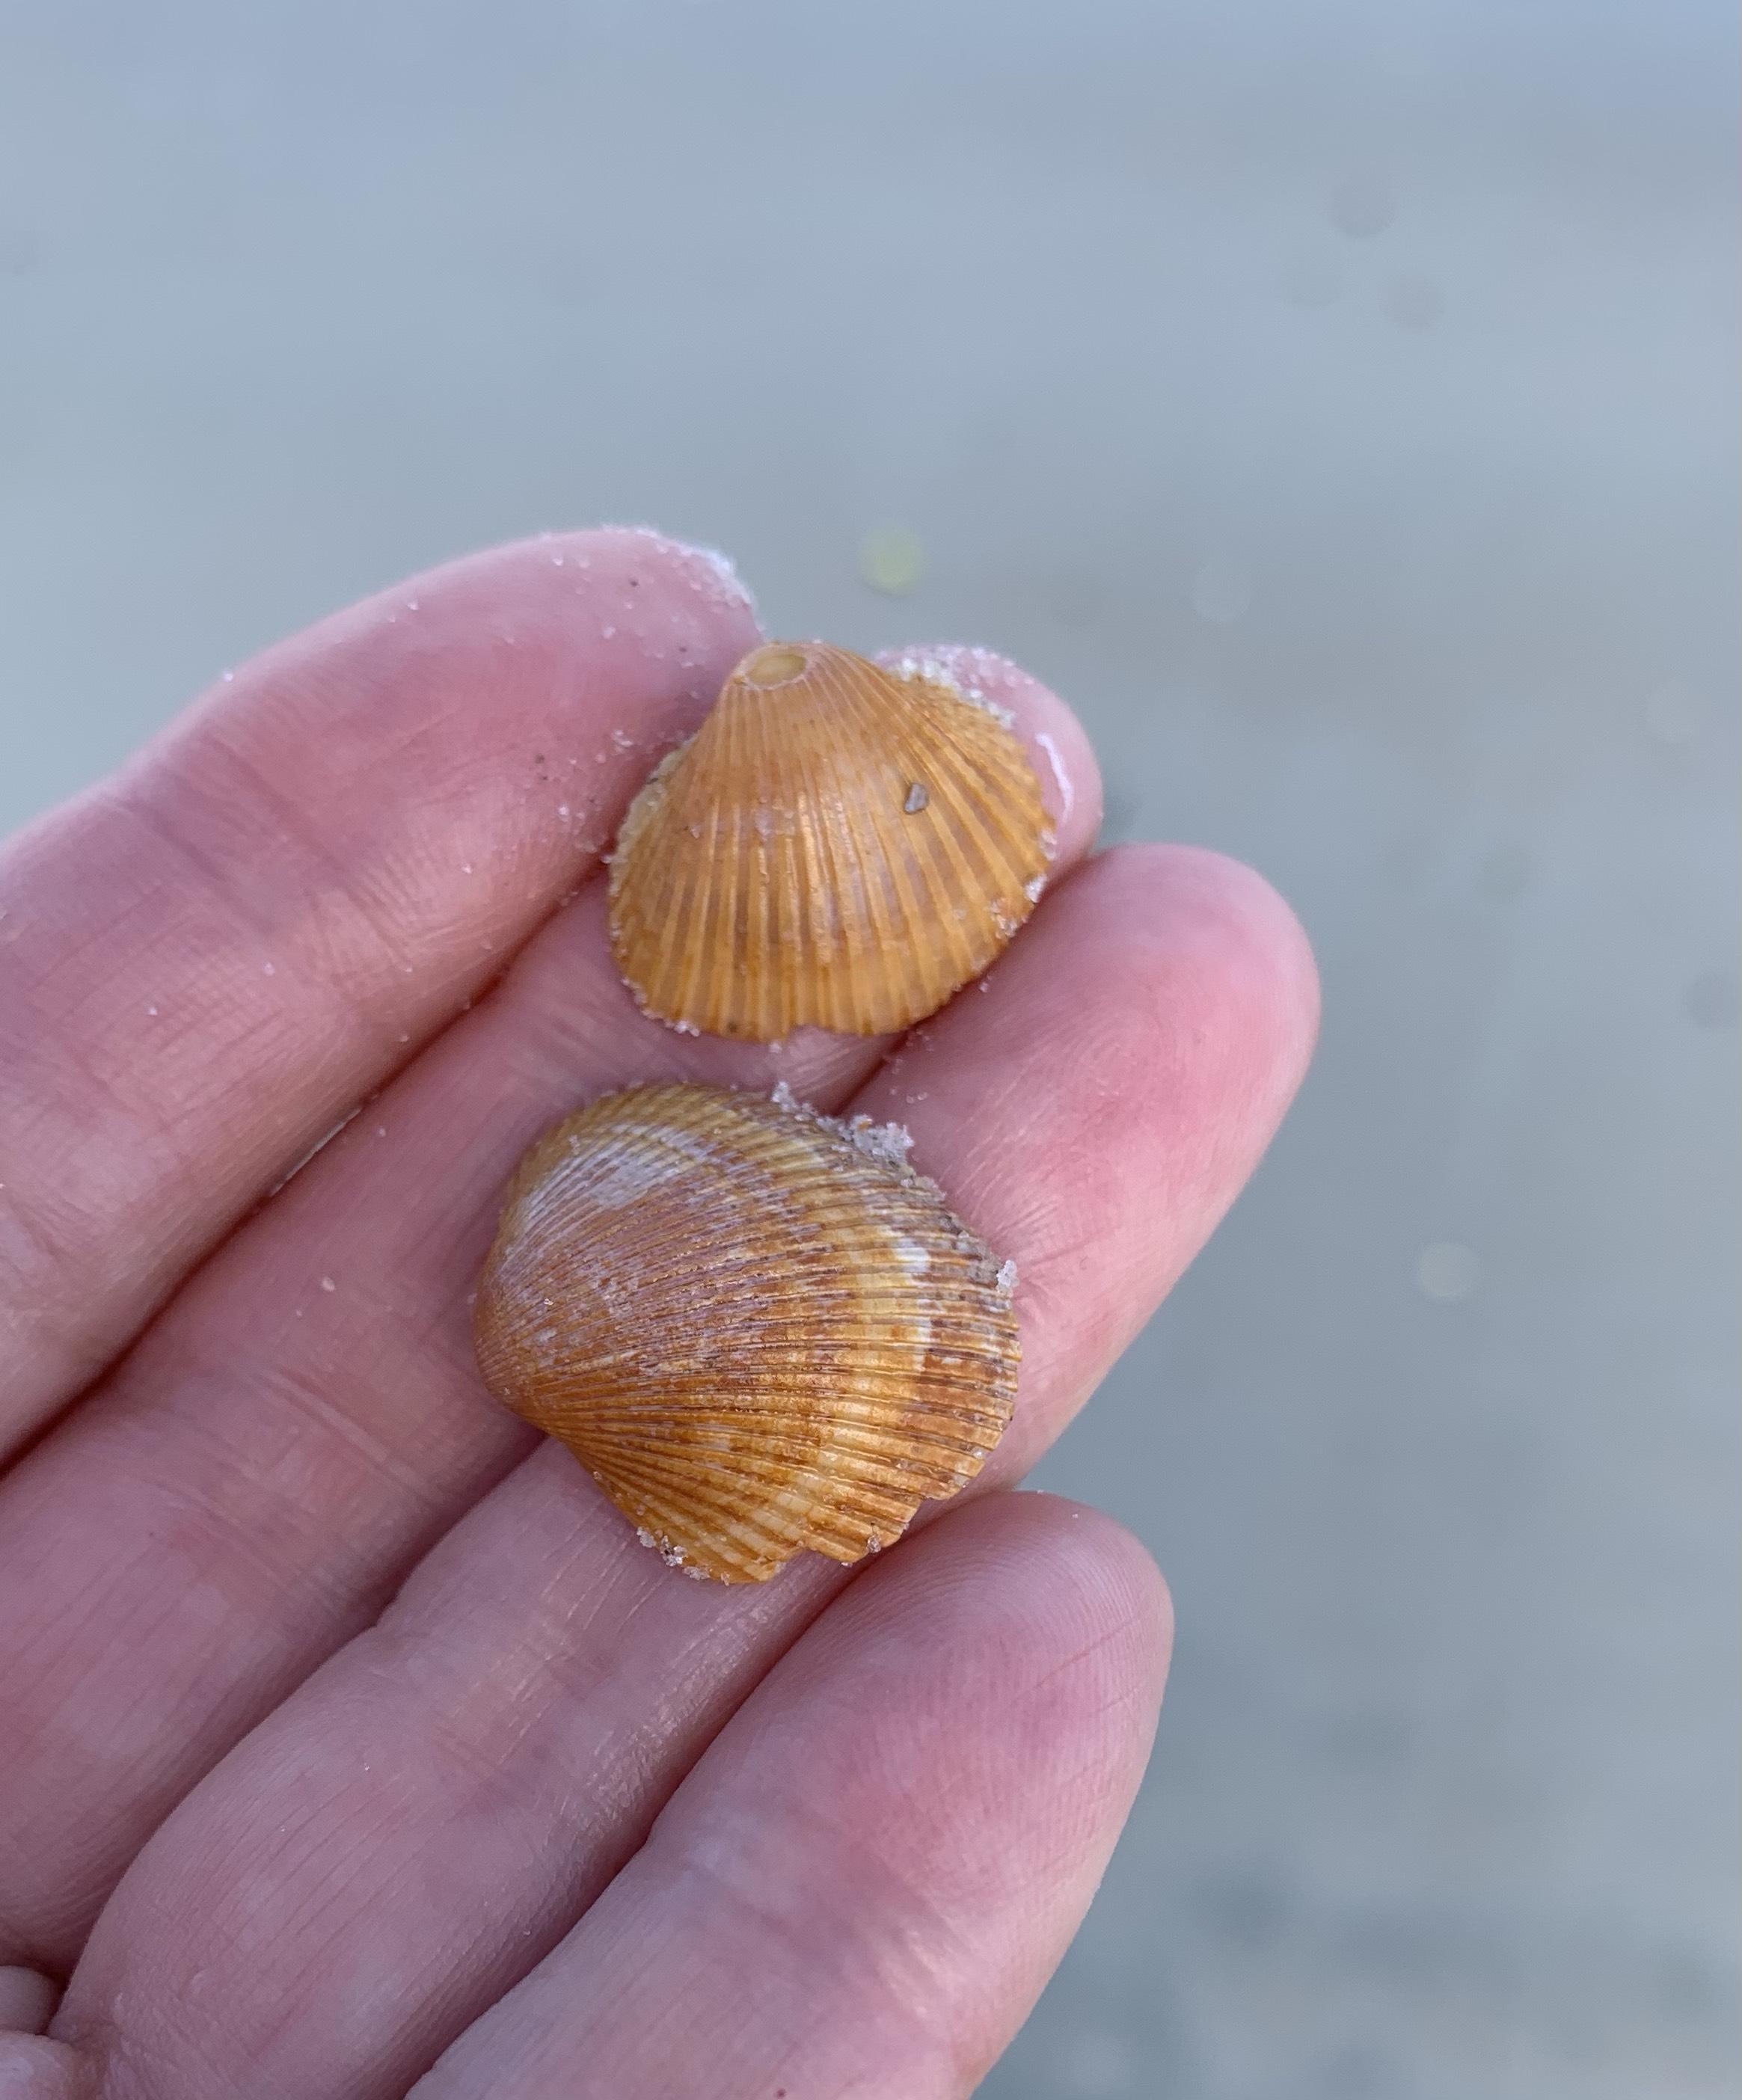 Orange seashells